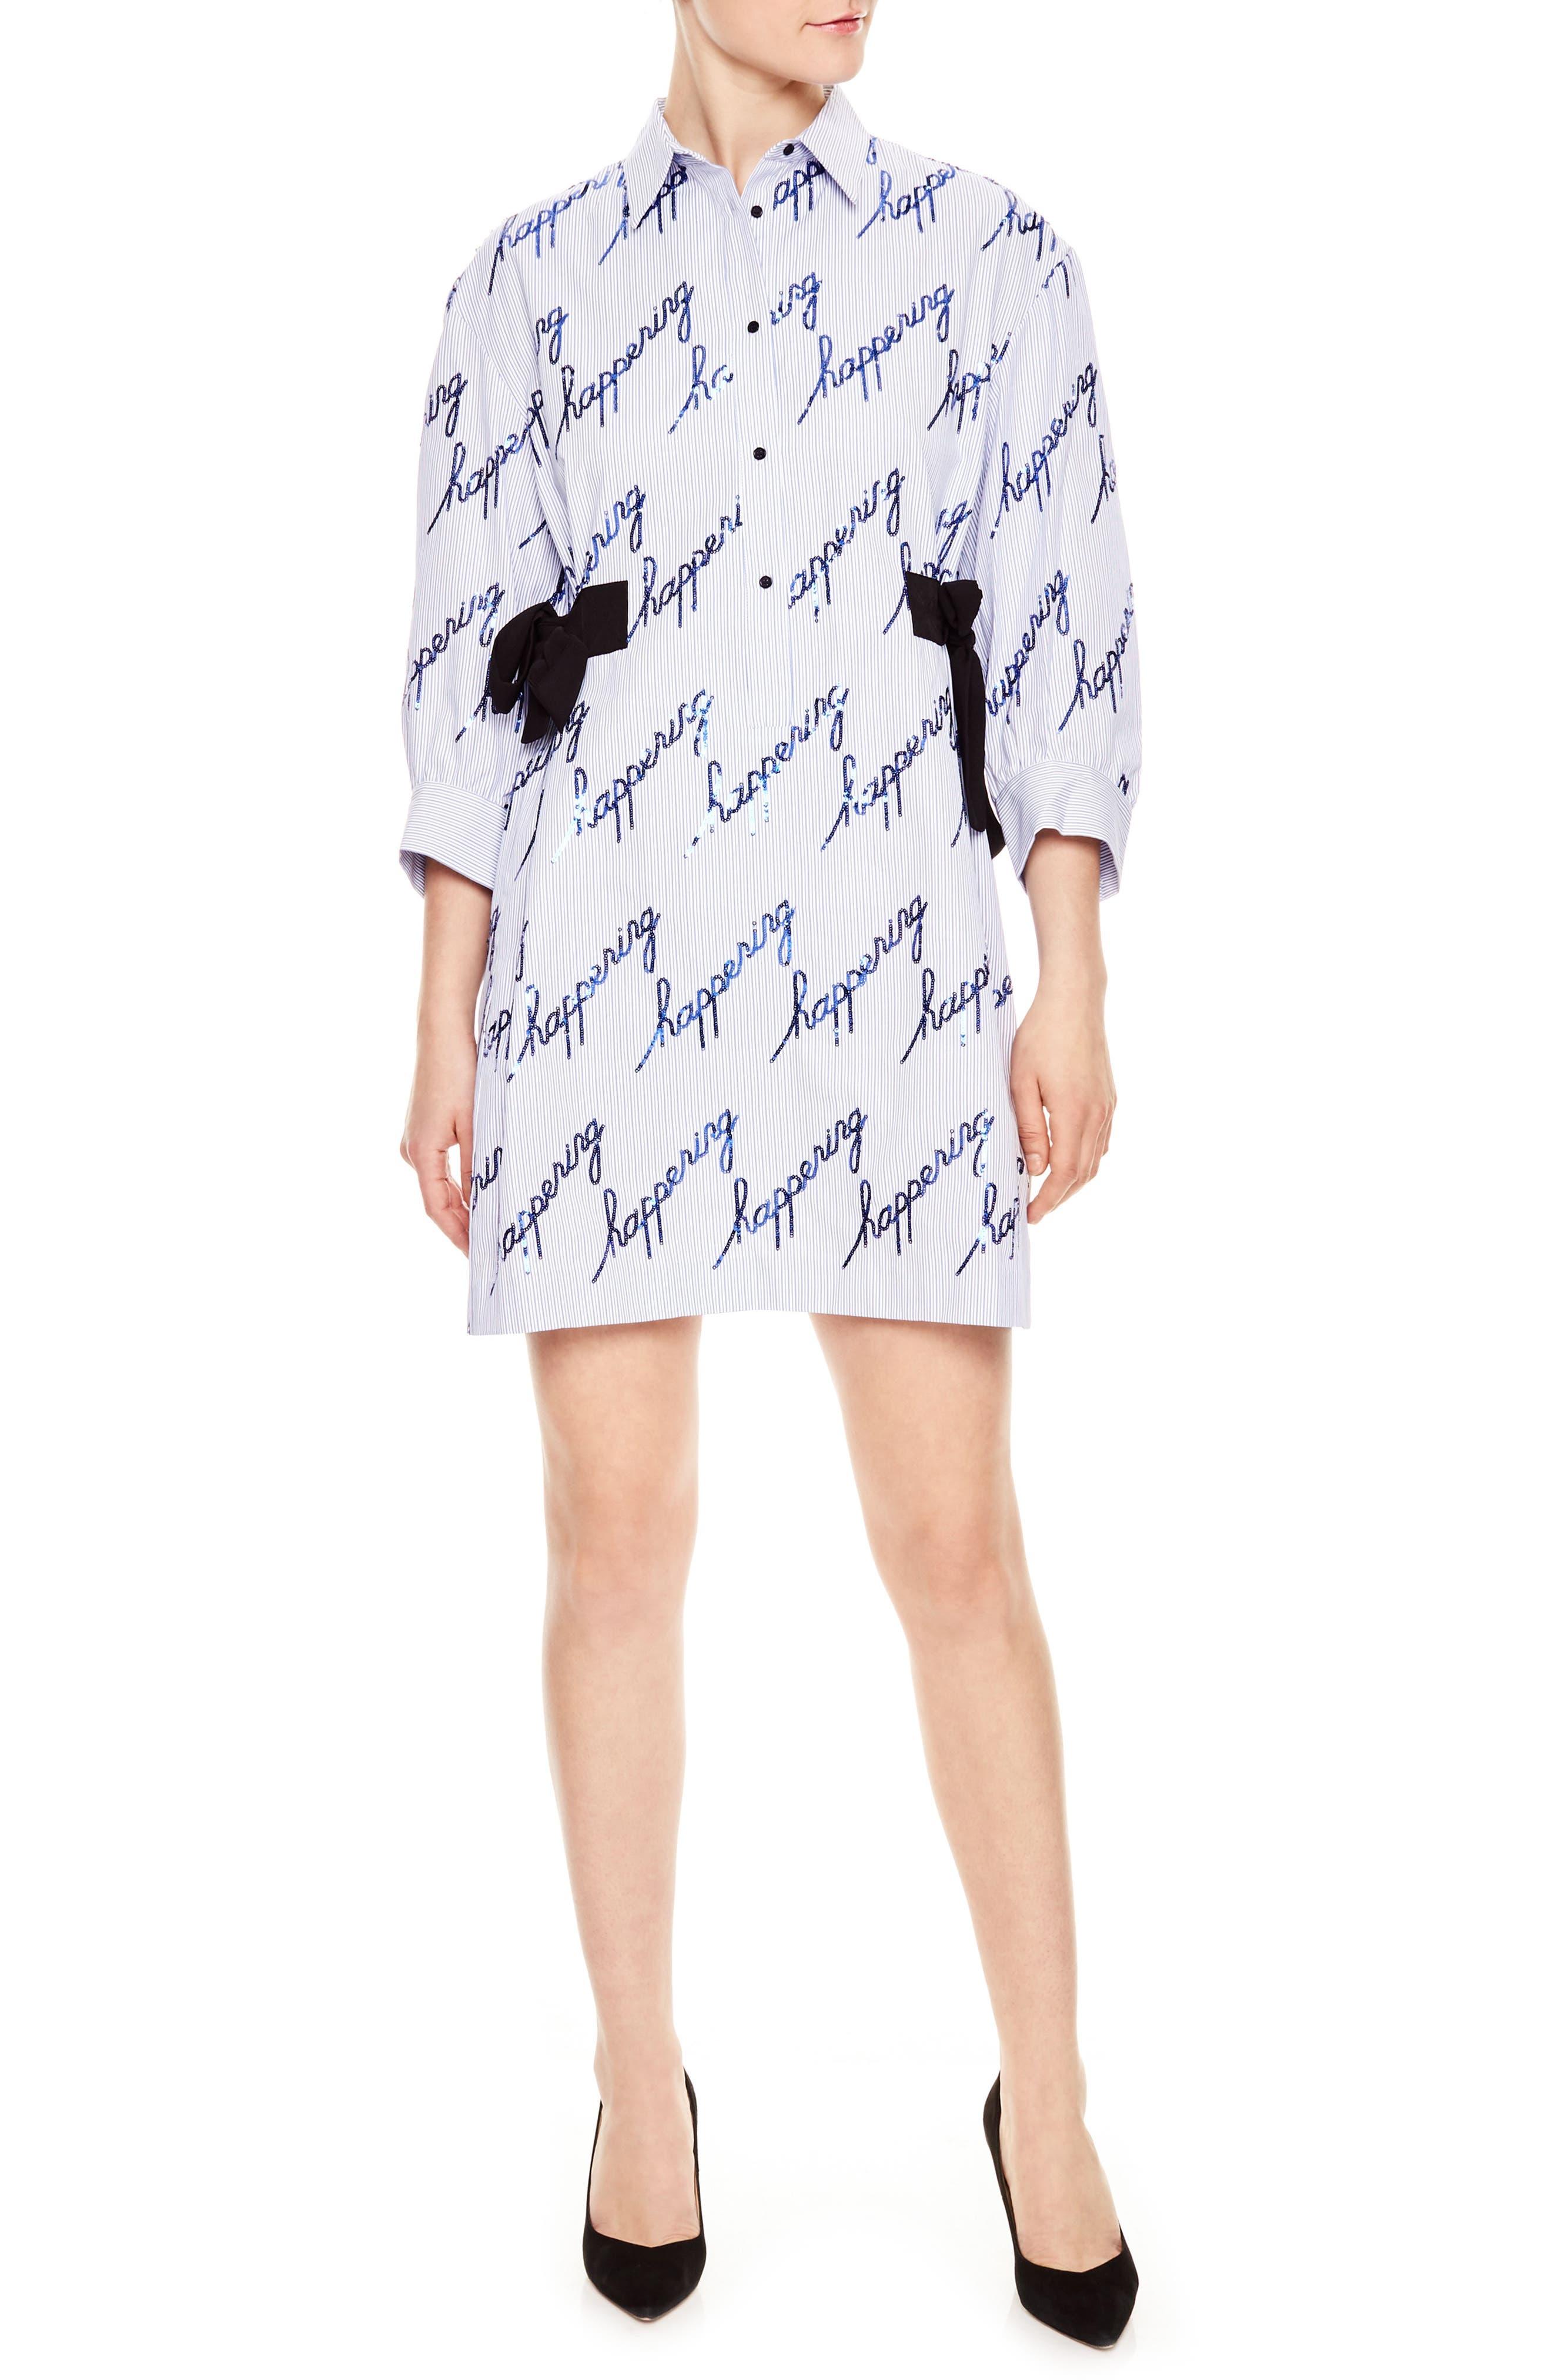 Bleu Ciel Pinstripe Happening Dress,                         Main,                         color, Bleu Ciel